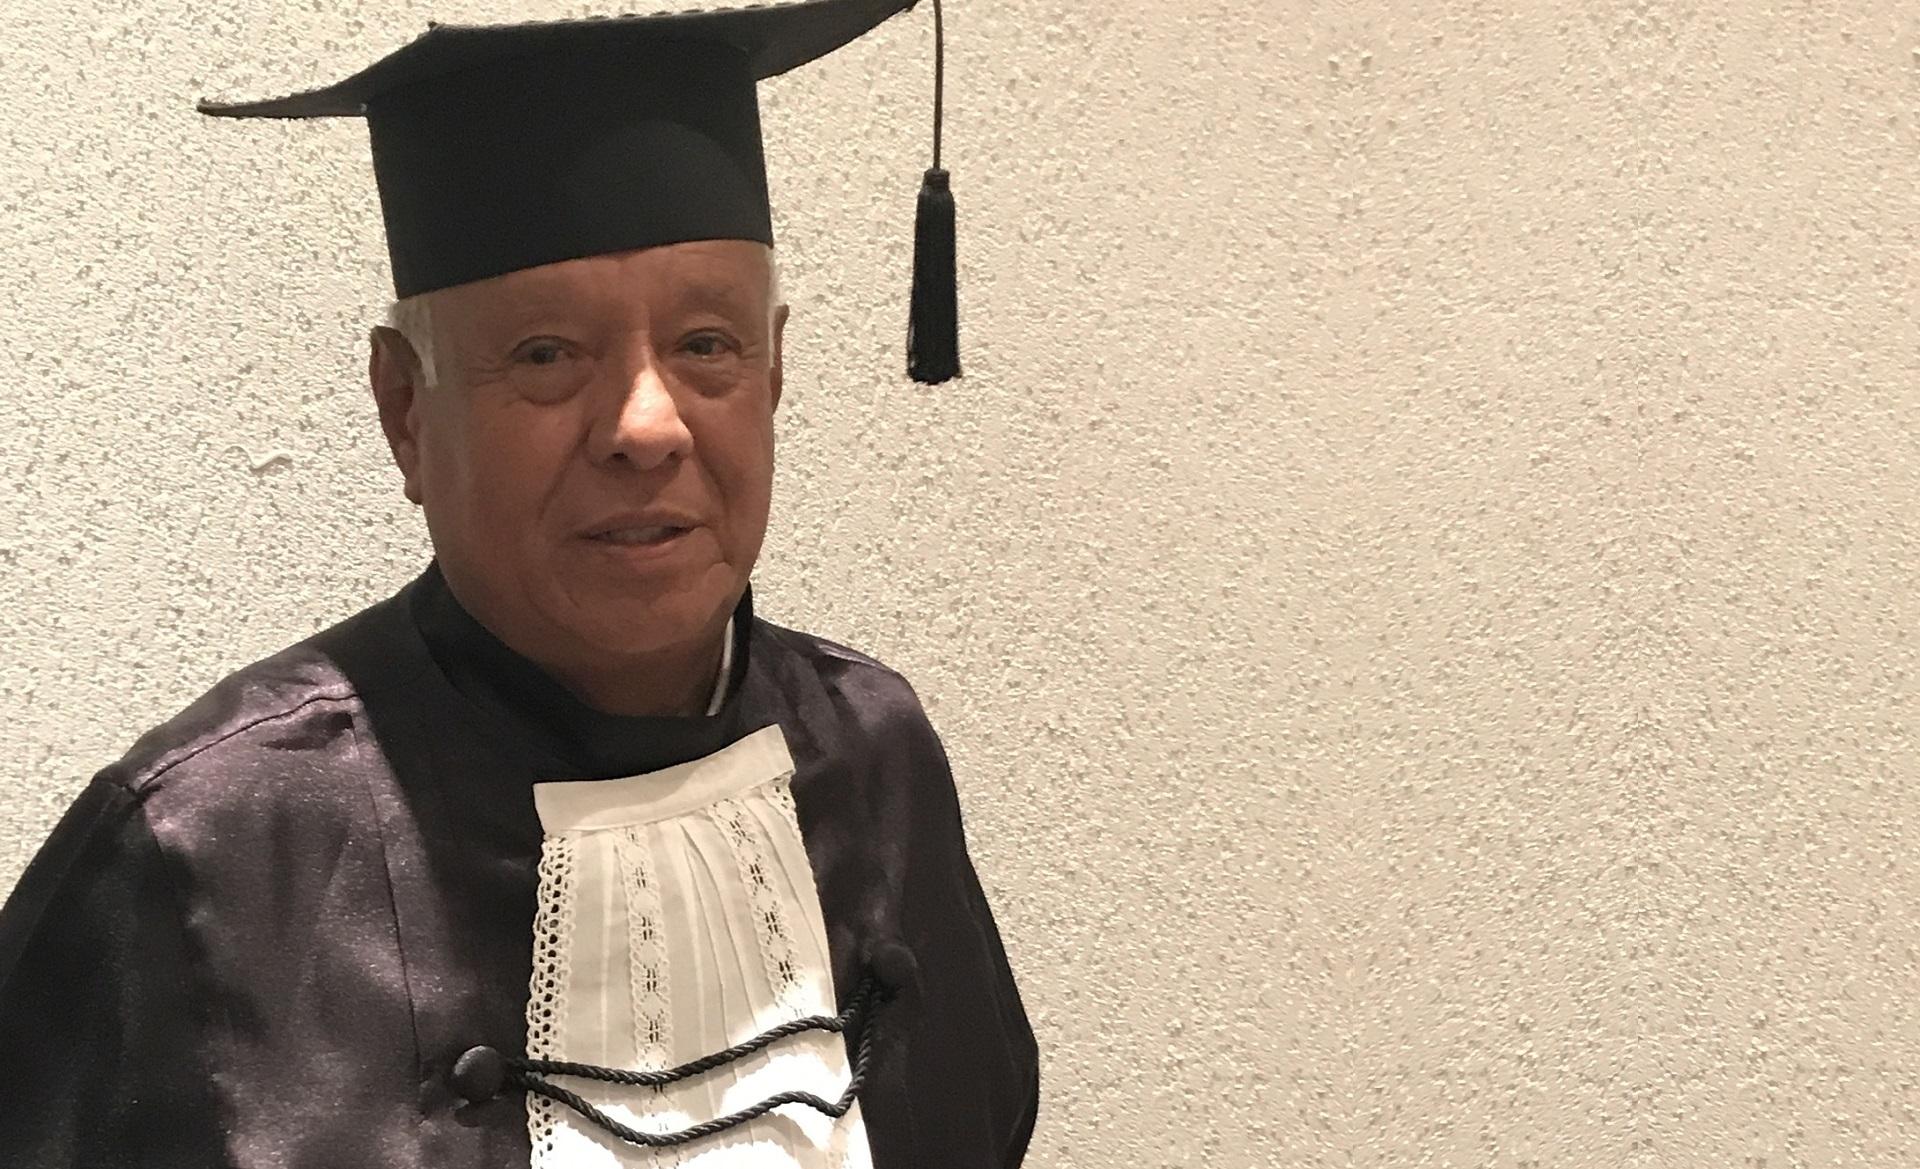 Remberto voltou aos bancos escolares após os 80 anos e descobriu uma nova paixão. Foto: Acervo pessoal.